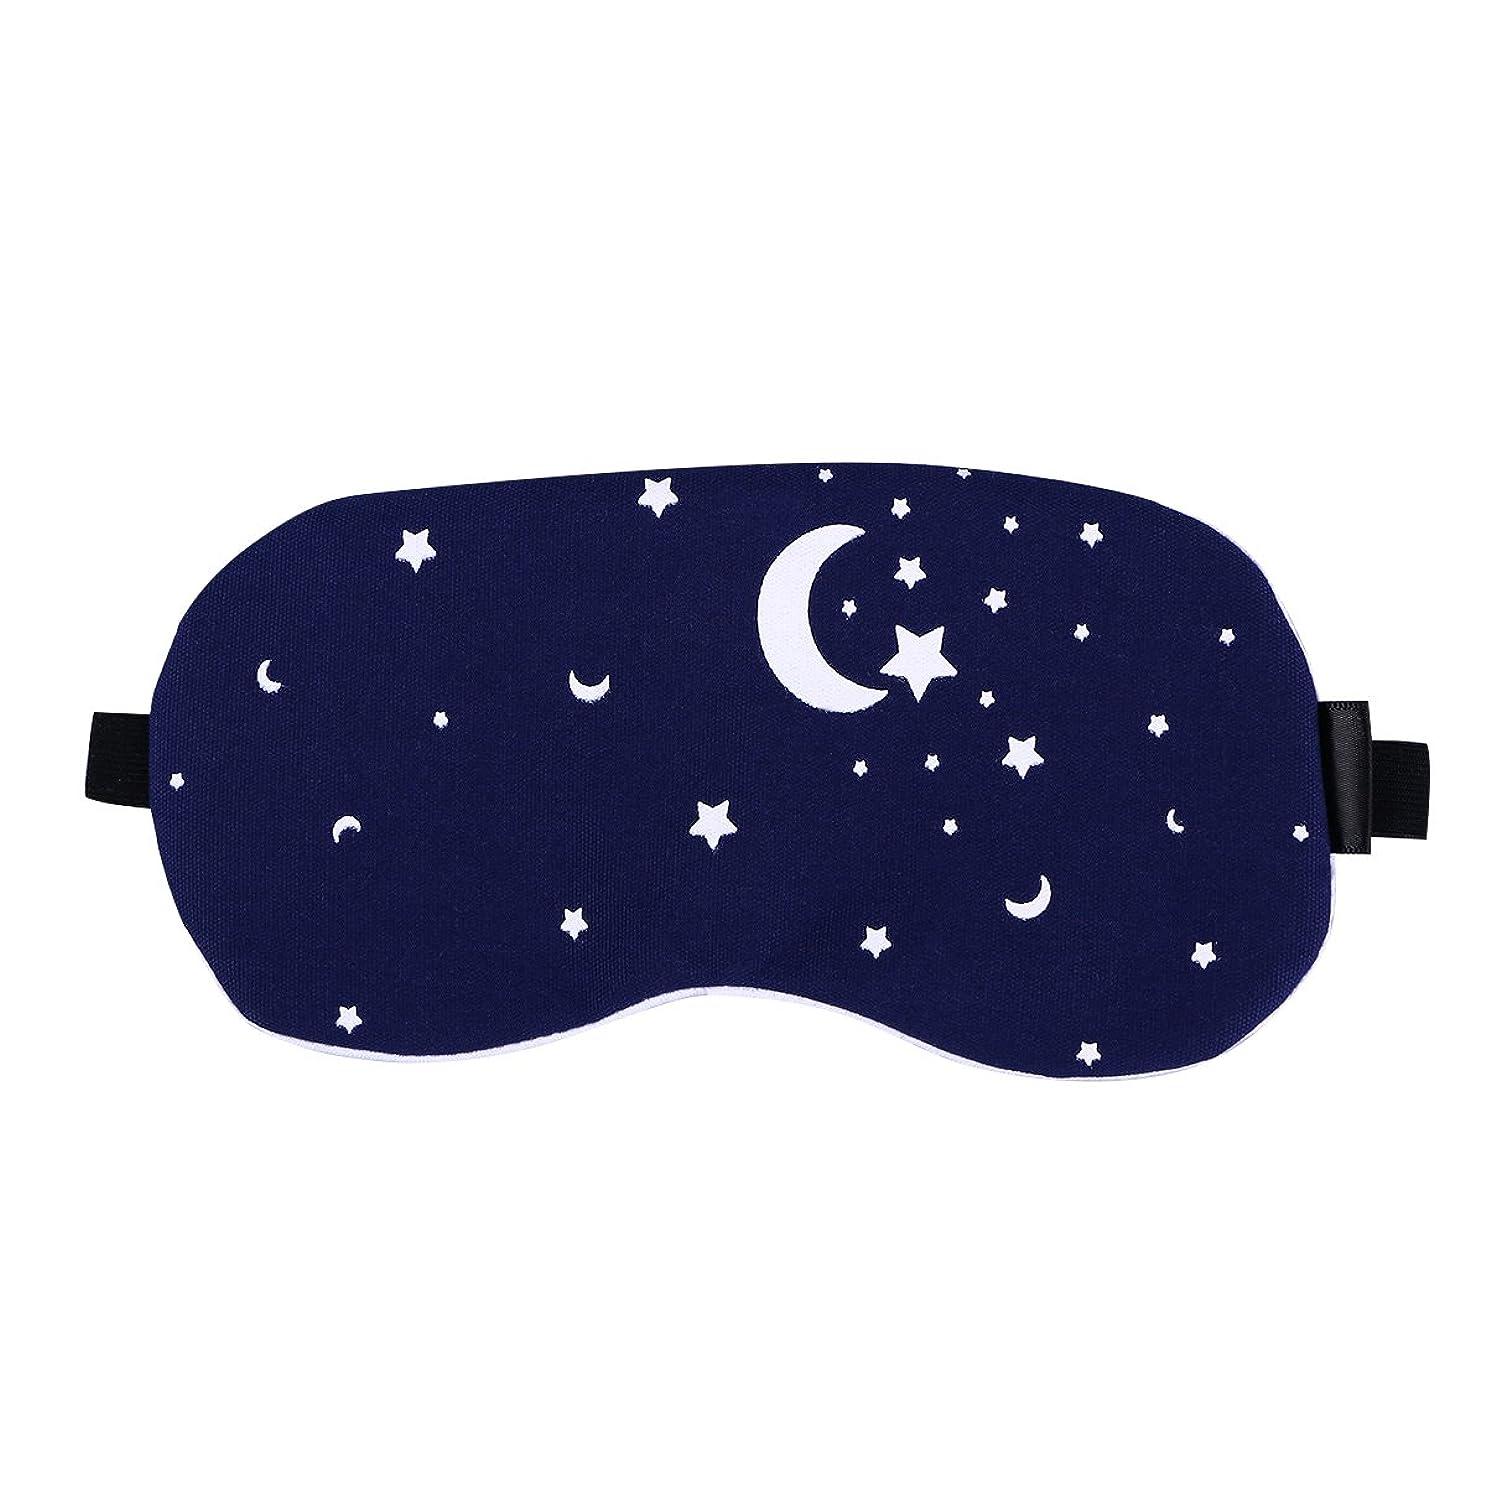 スクリーチ不一致コンセンサスSUPVOX コットンスリーピングマスクブラインダーパッチ調節可能なストラップアイシャドーコールド/ホットジェル(星空)